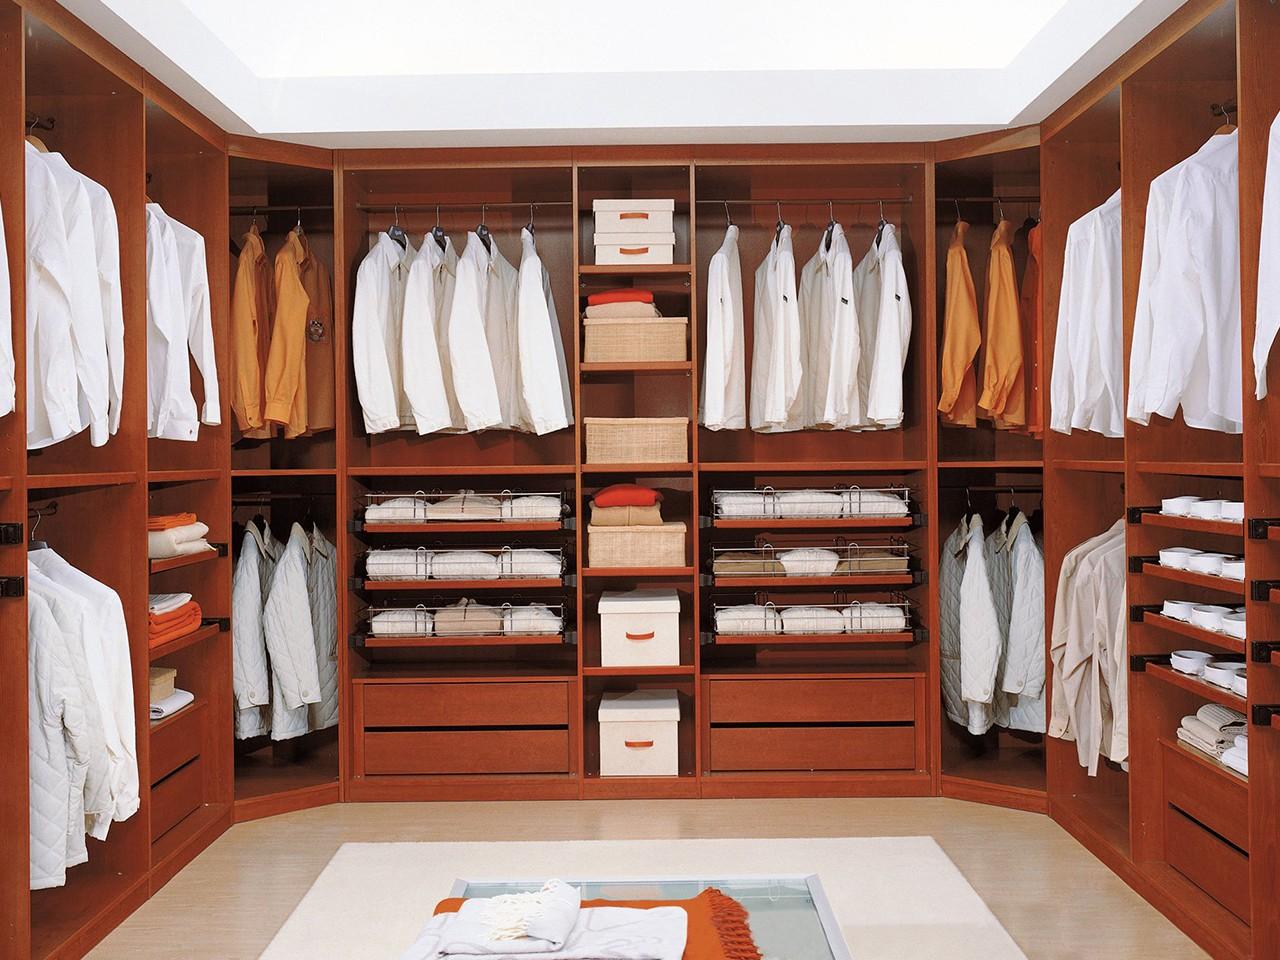 Vestidores con muchas comodidades for Espejos para vestidor baratos